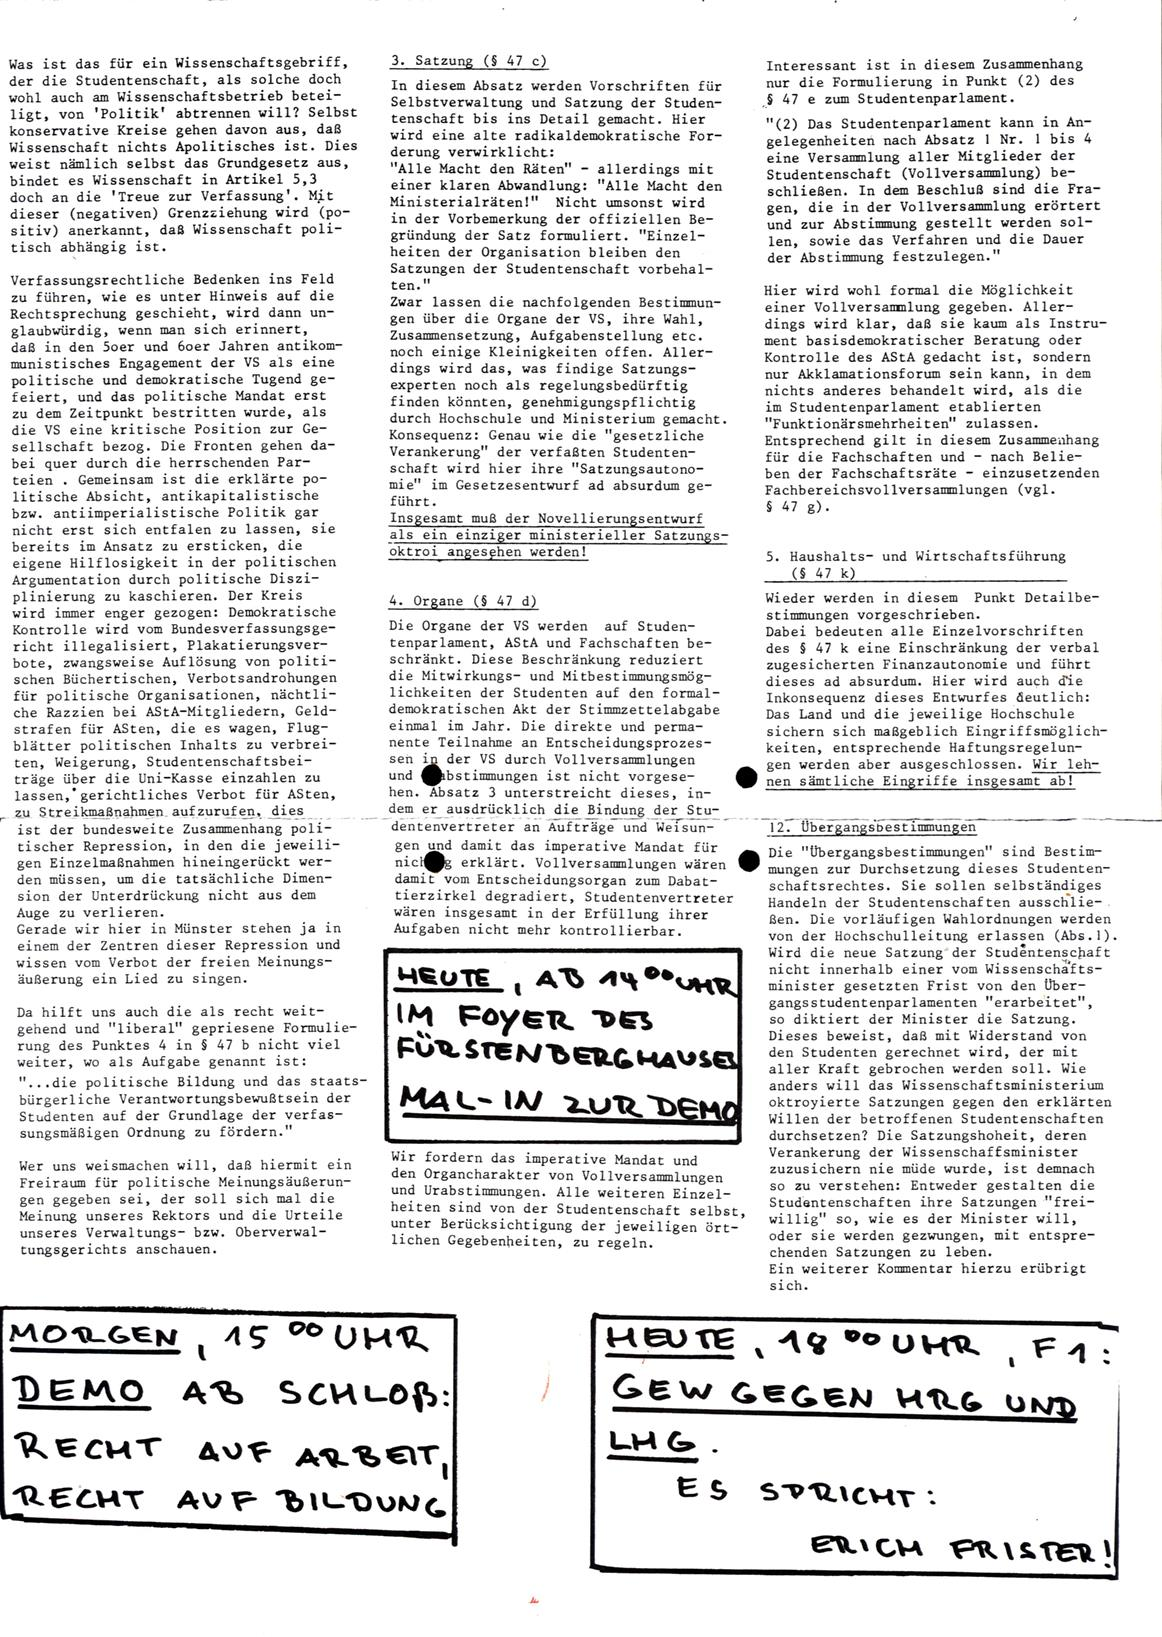 Muenster_AStA_Info_19771130_02